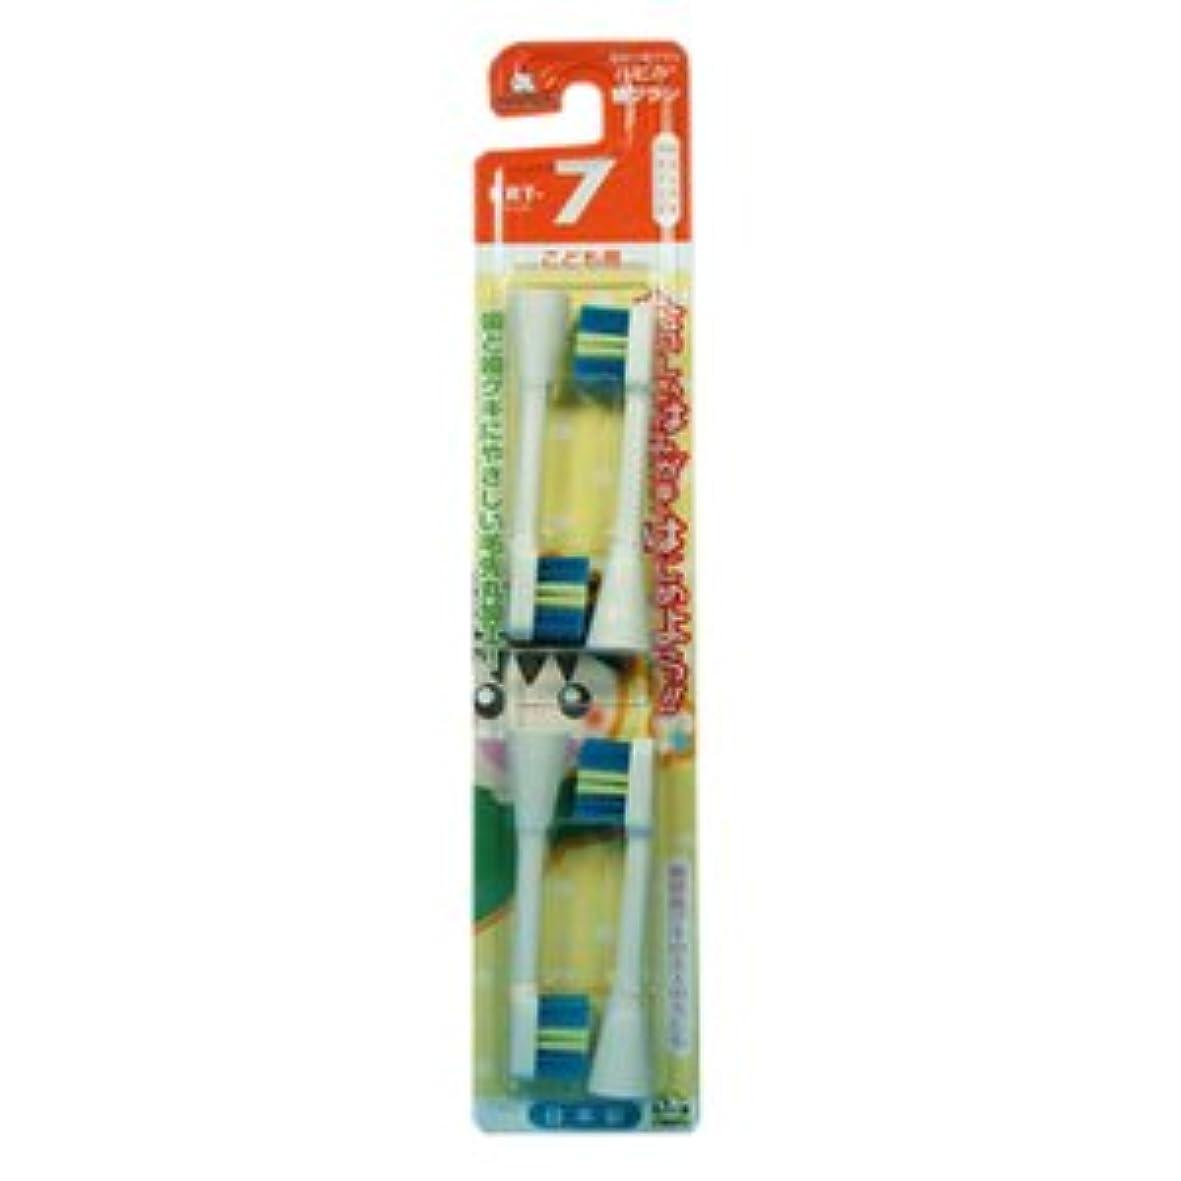 石鹸三角ピットミニマム 電動付歯ブラシ ハピカ 専用替ブラシ こども用 毛の硬さ:やわらかめ BRT-7 4個入